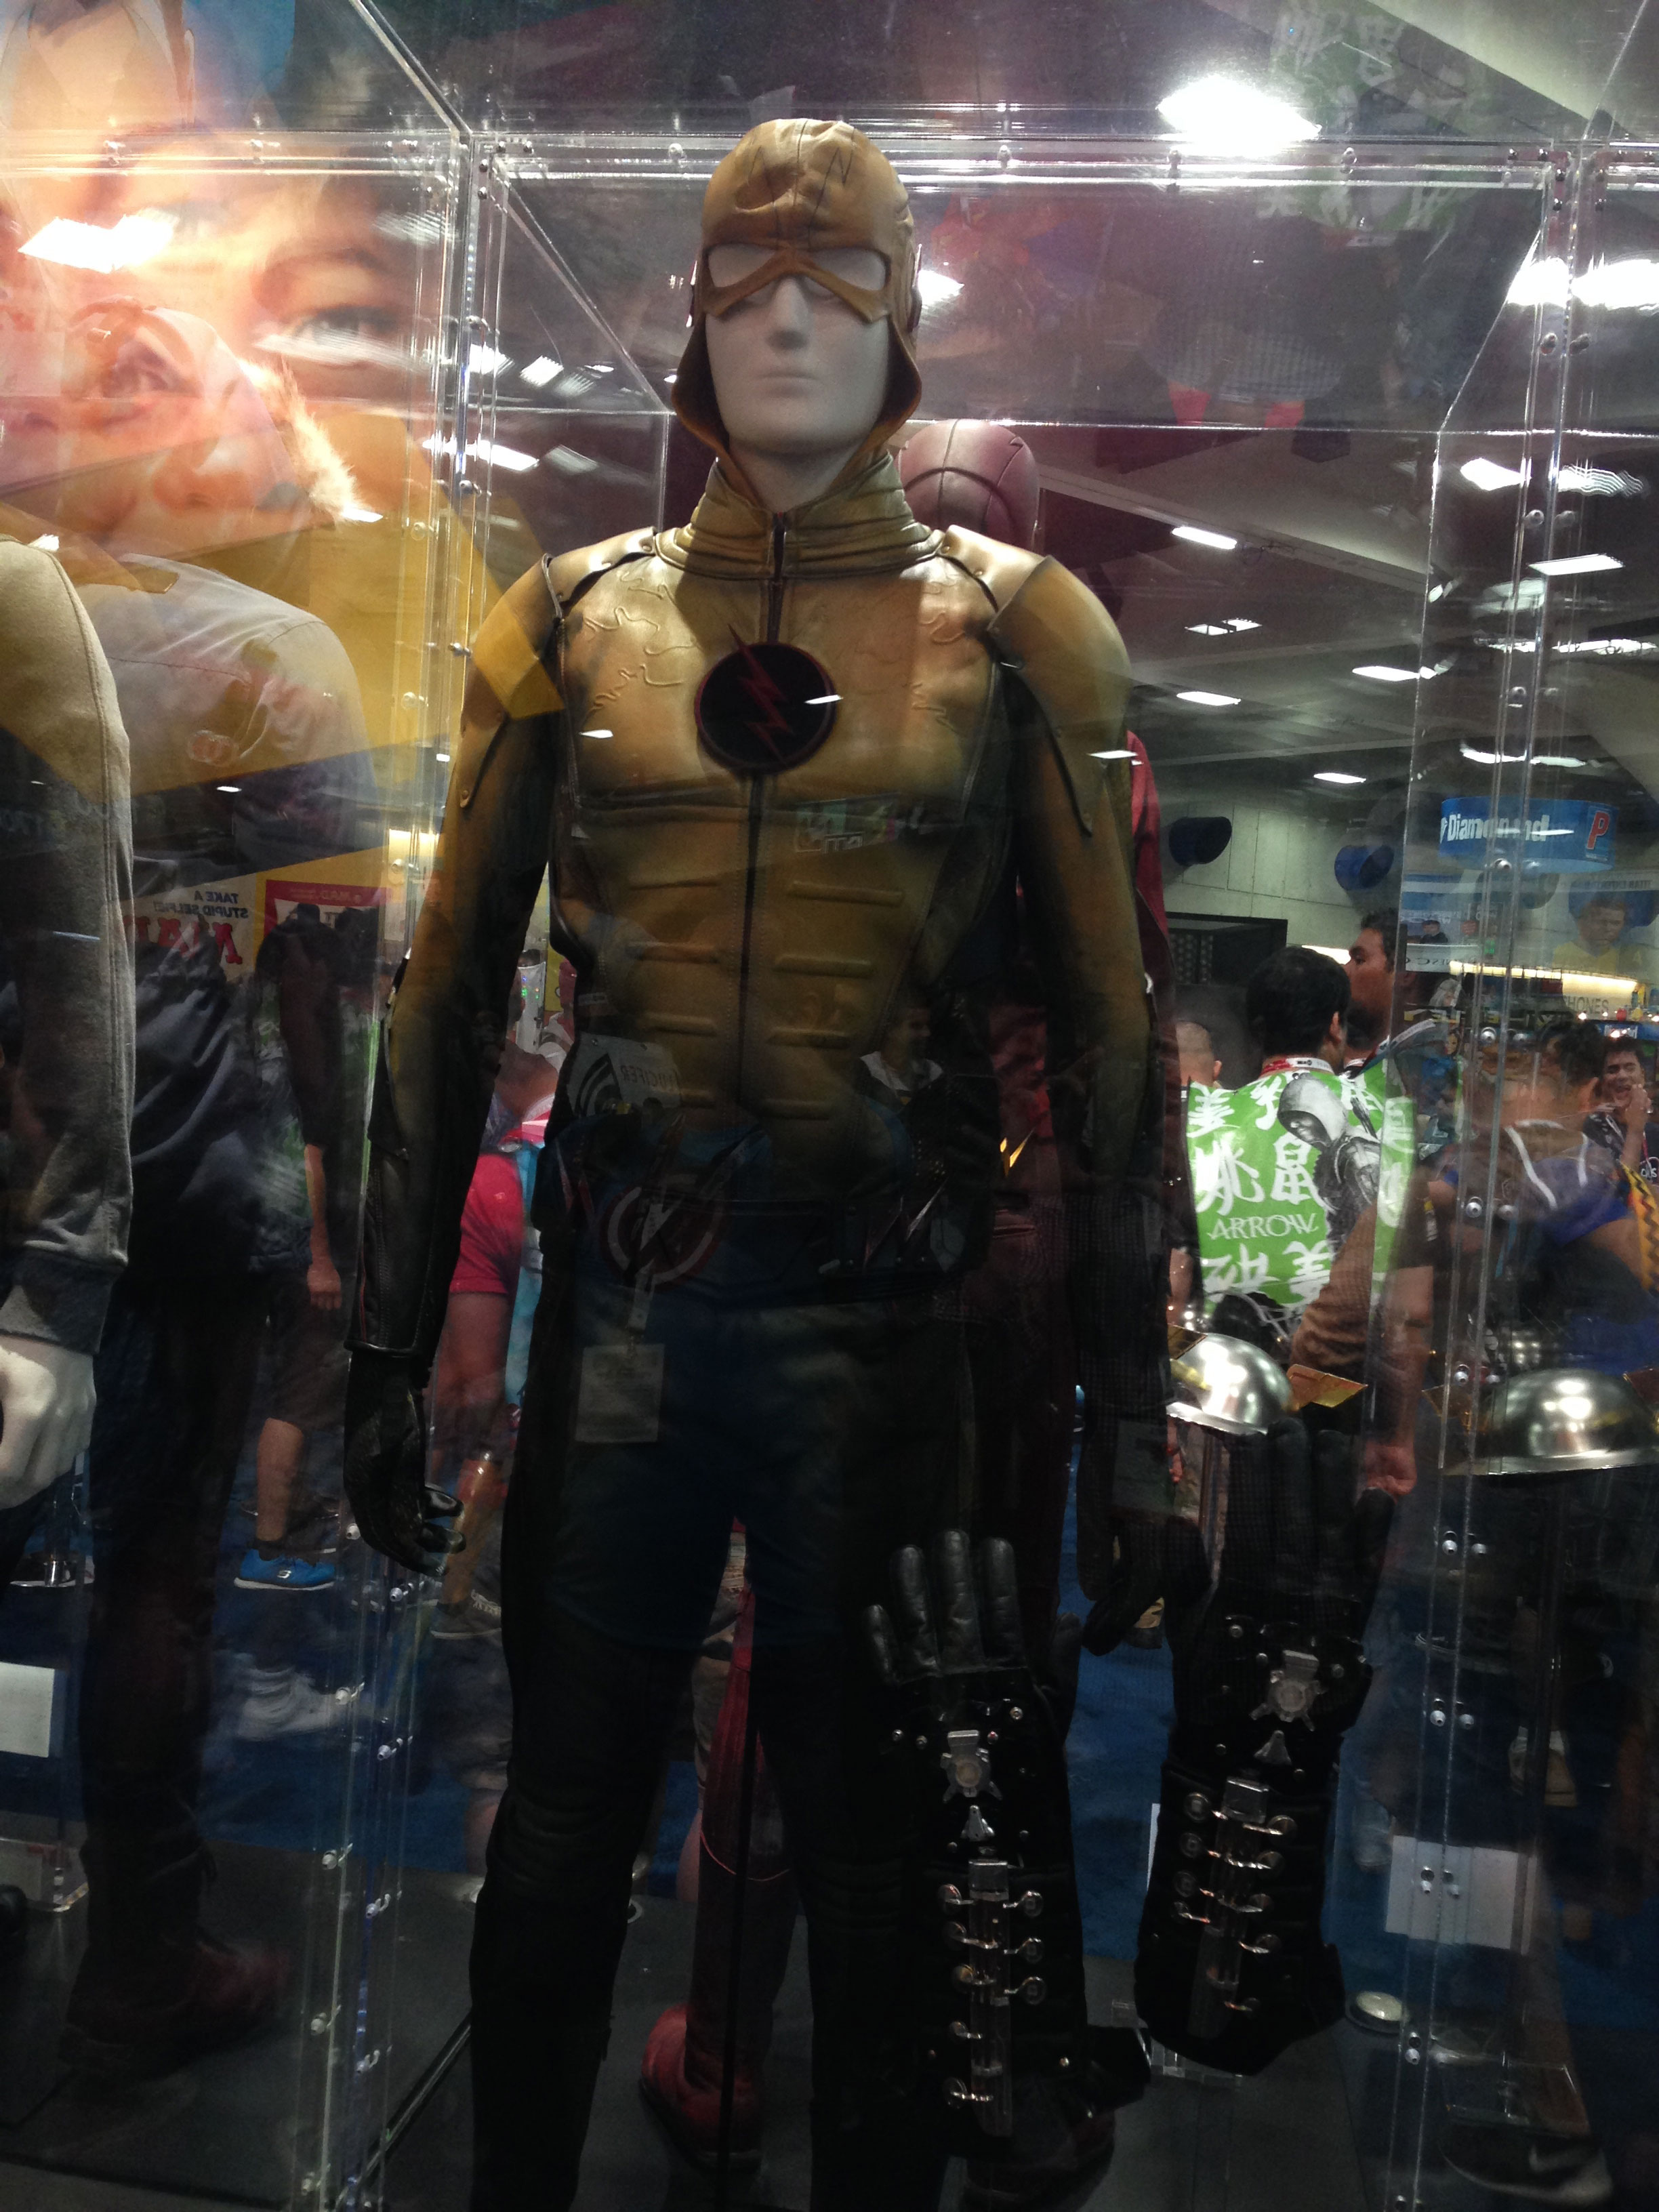 《閃電俠》 The Flash 戰服於聖地牙哥動漫展展出! 香港 Unwire Hk 玩生活.樂科技